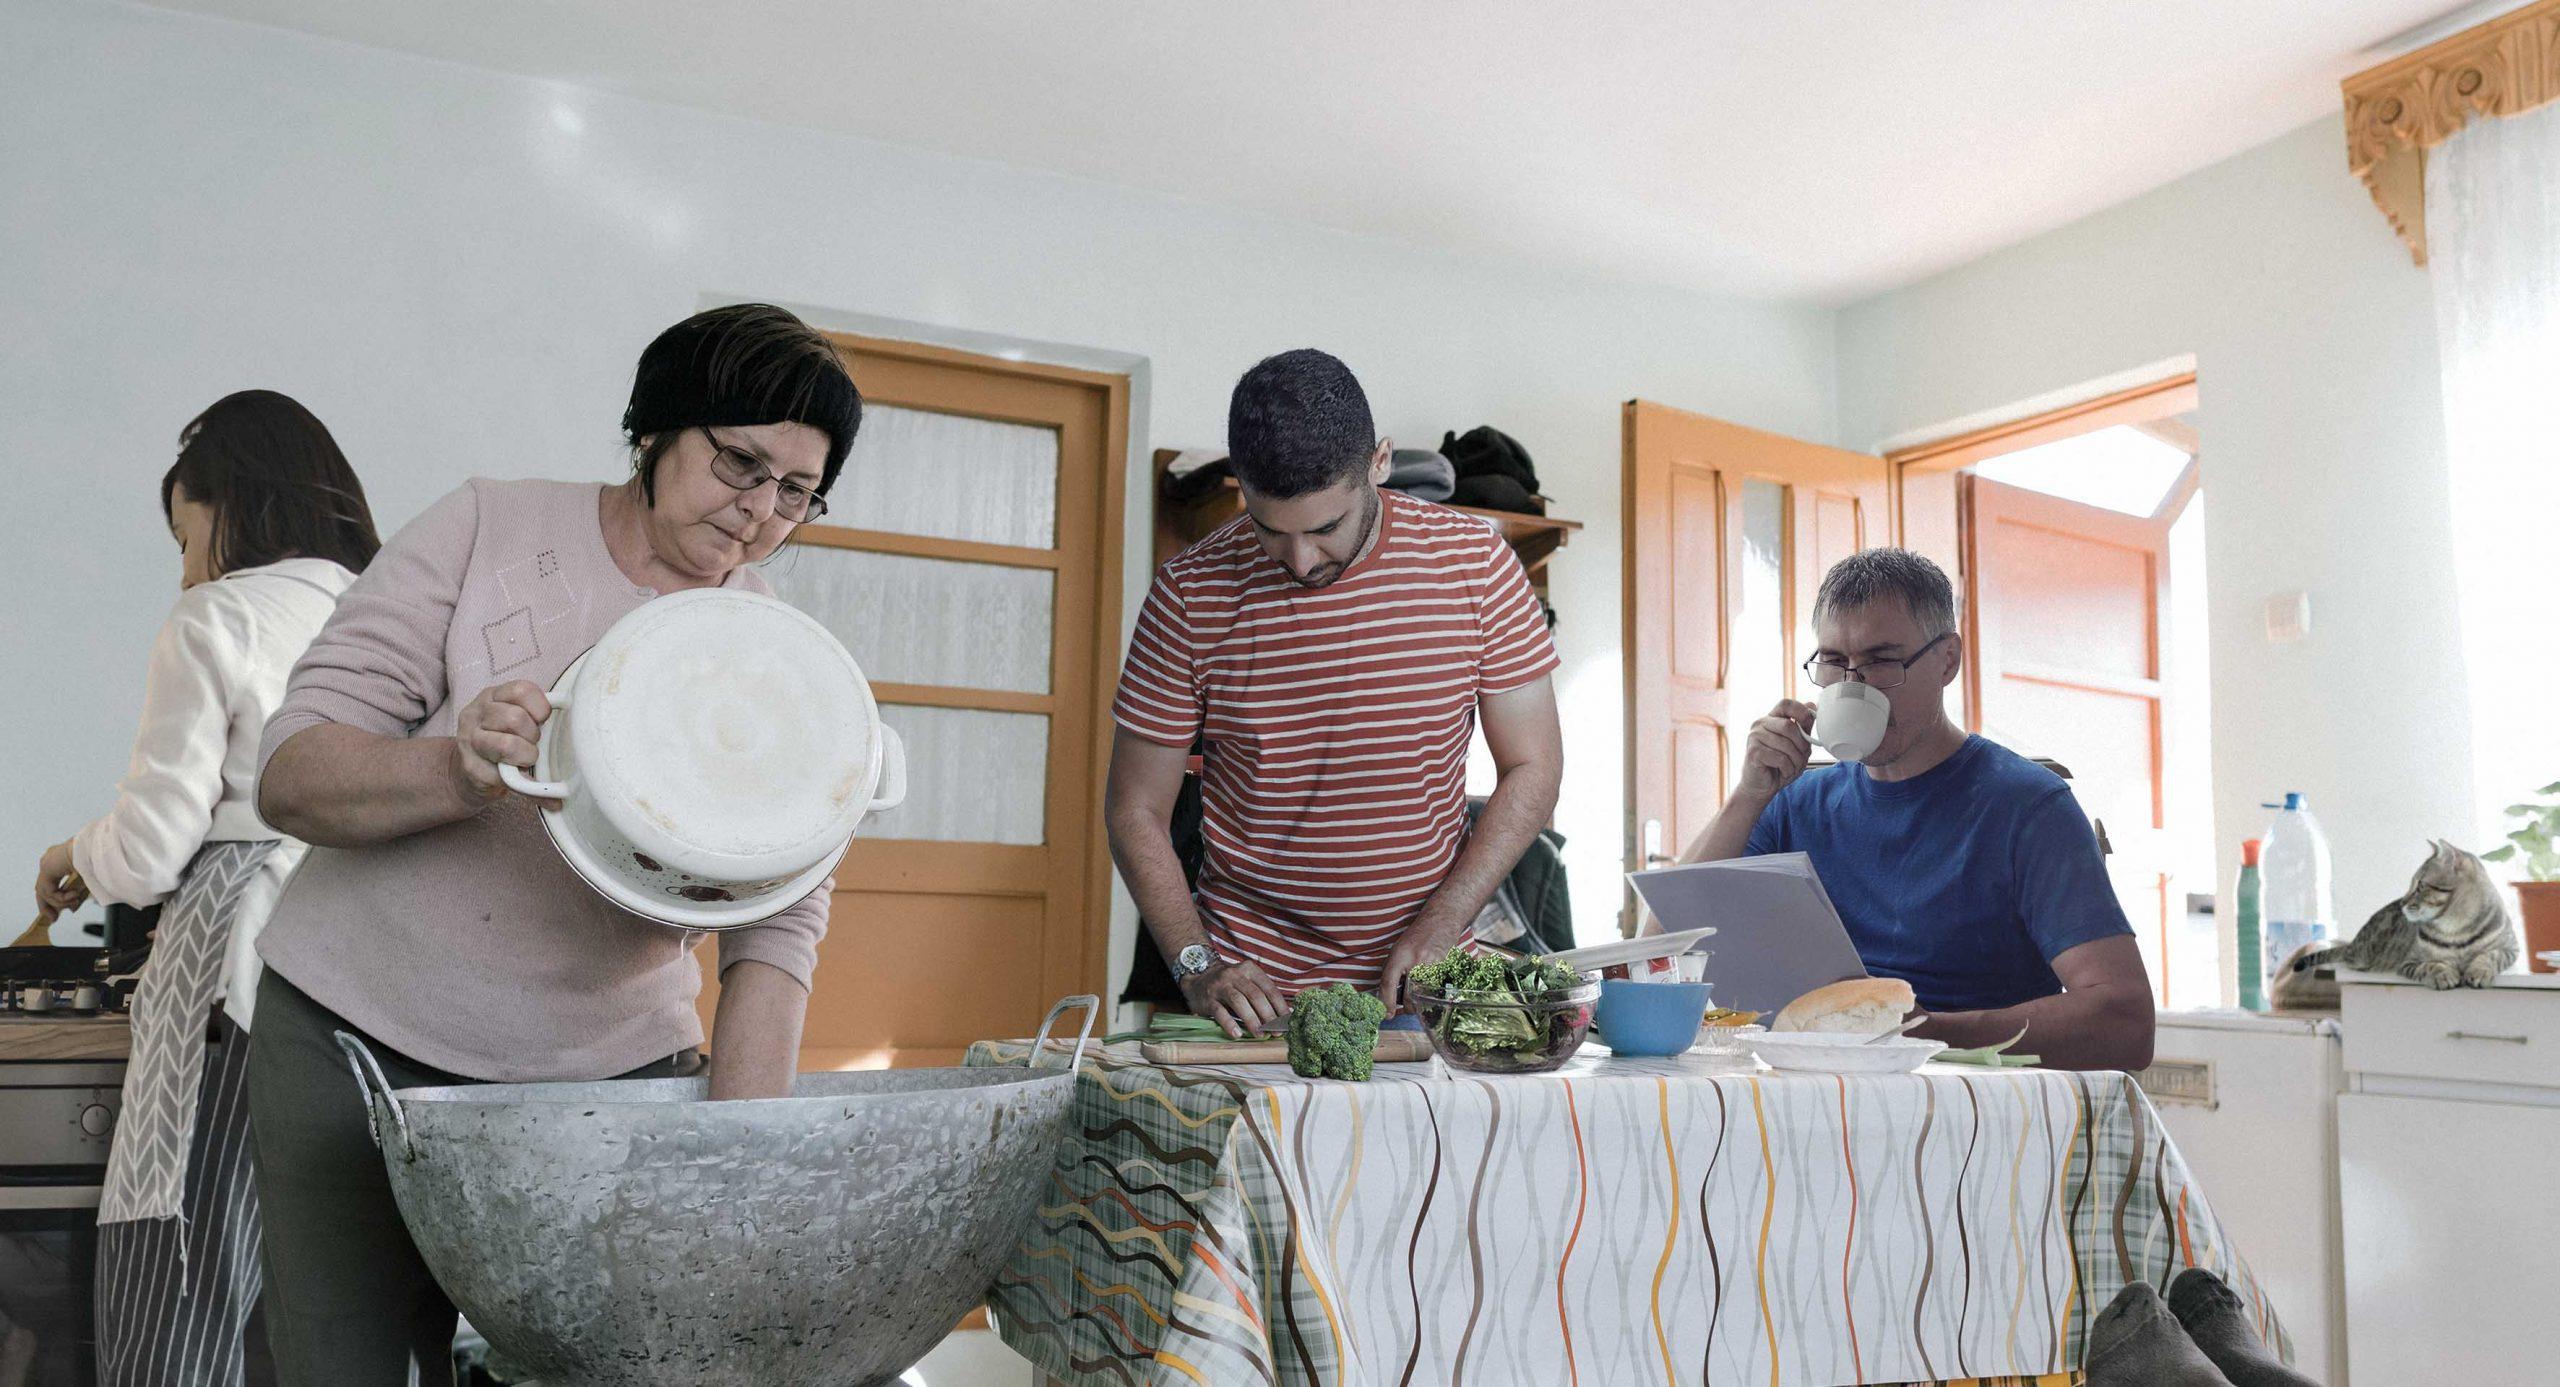 صورة عائلة تُباشر بتحضير وجبة الغداء نظراً لمرور دقيقتين على انتهاء الفطور